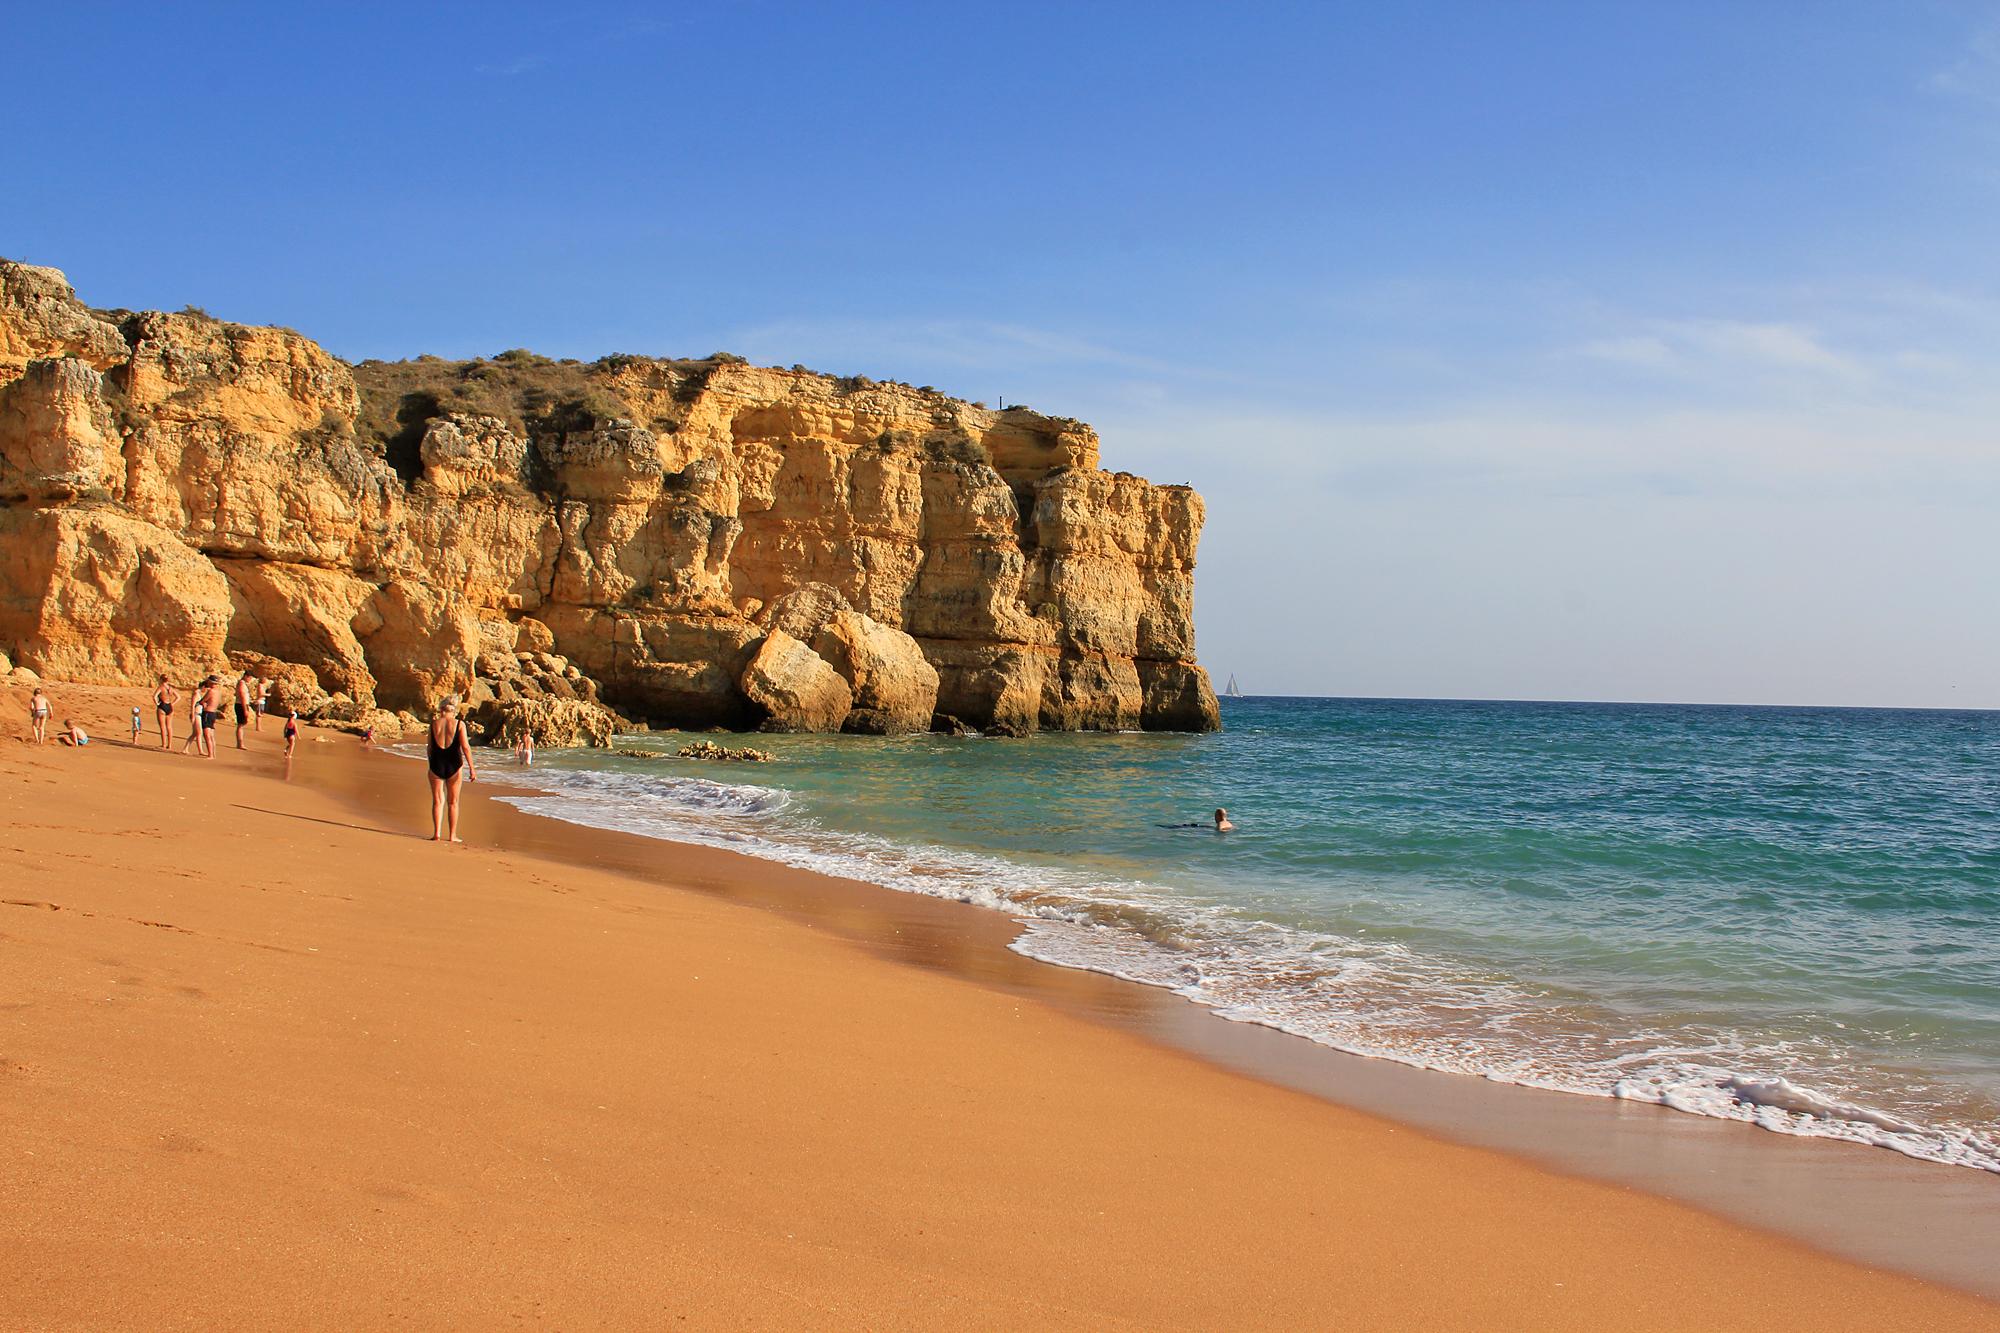 Praia da Coelha - Strand von Coelha 31